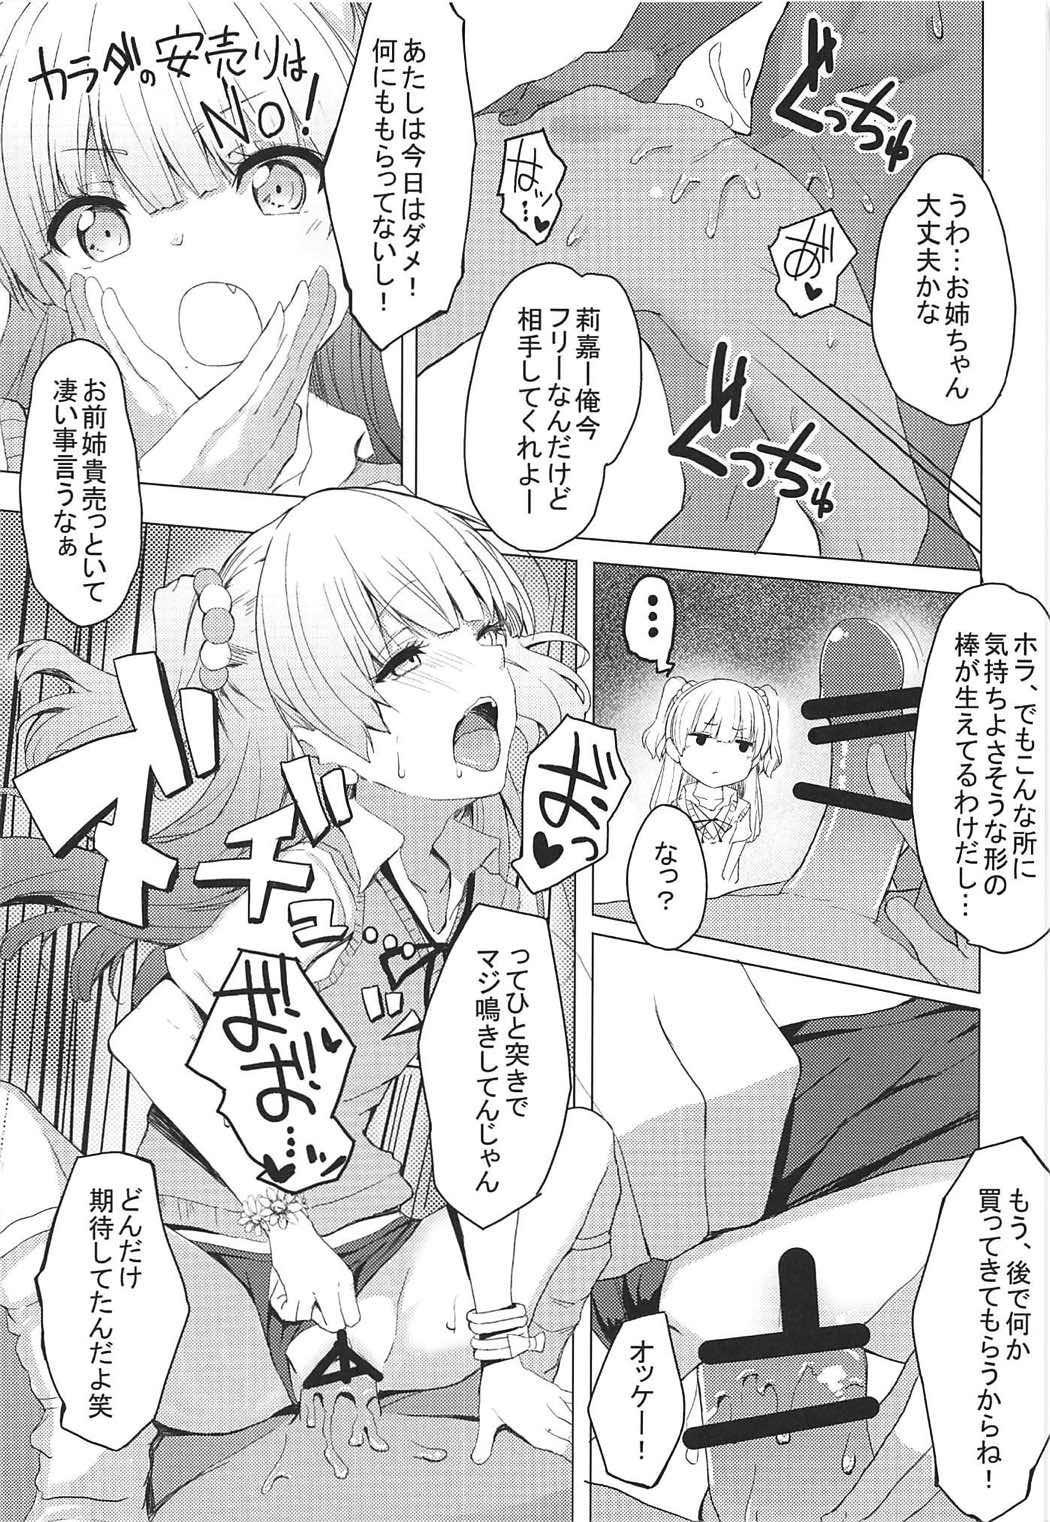 Danshi to Asobo☆ 21